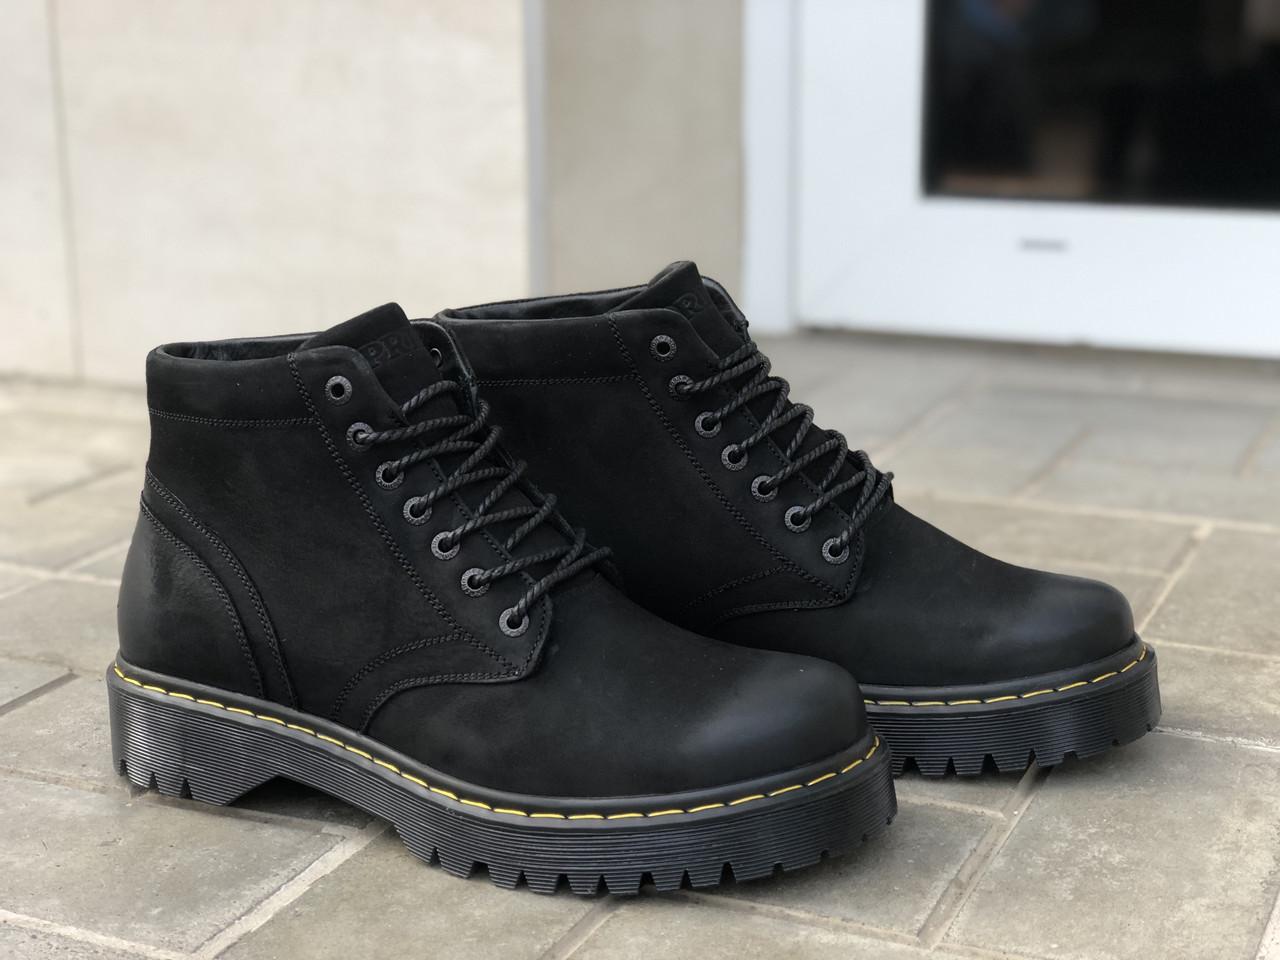 Зимние ботинки мужские Prime 70114 нуб размеры 40,41,42,43,44